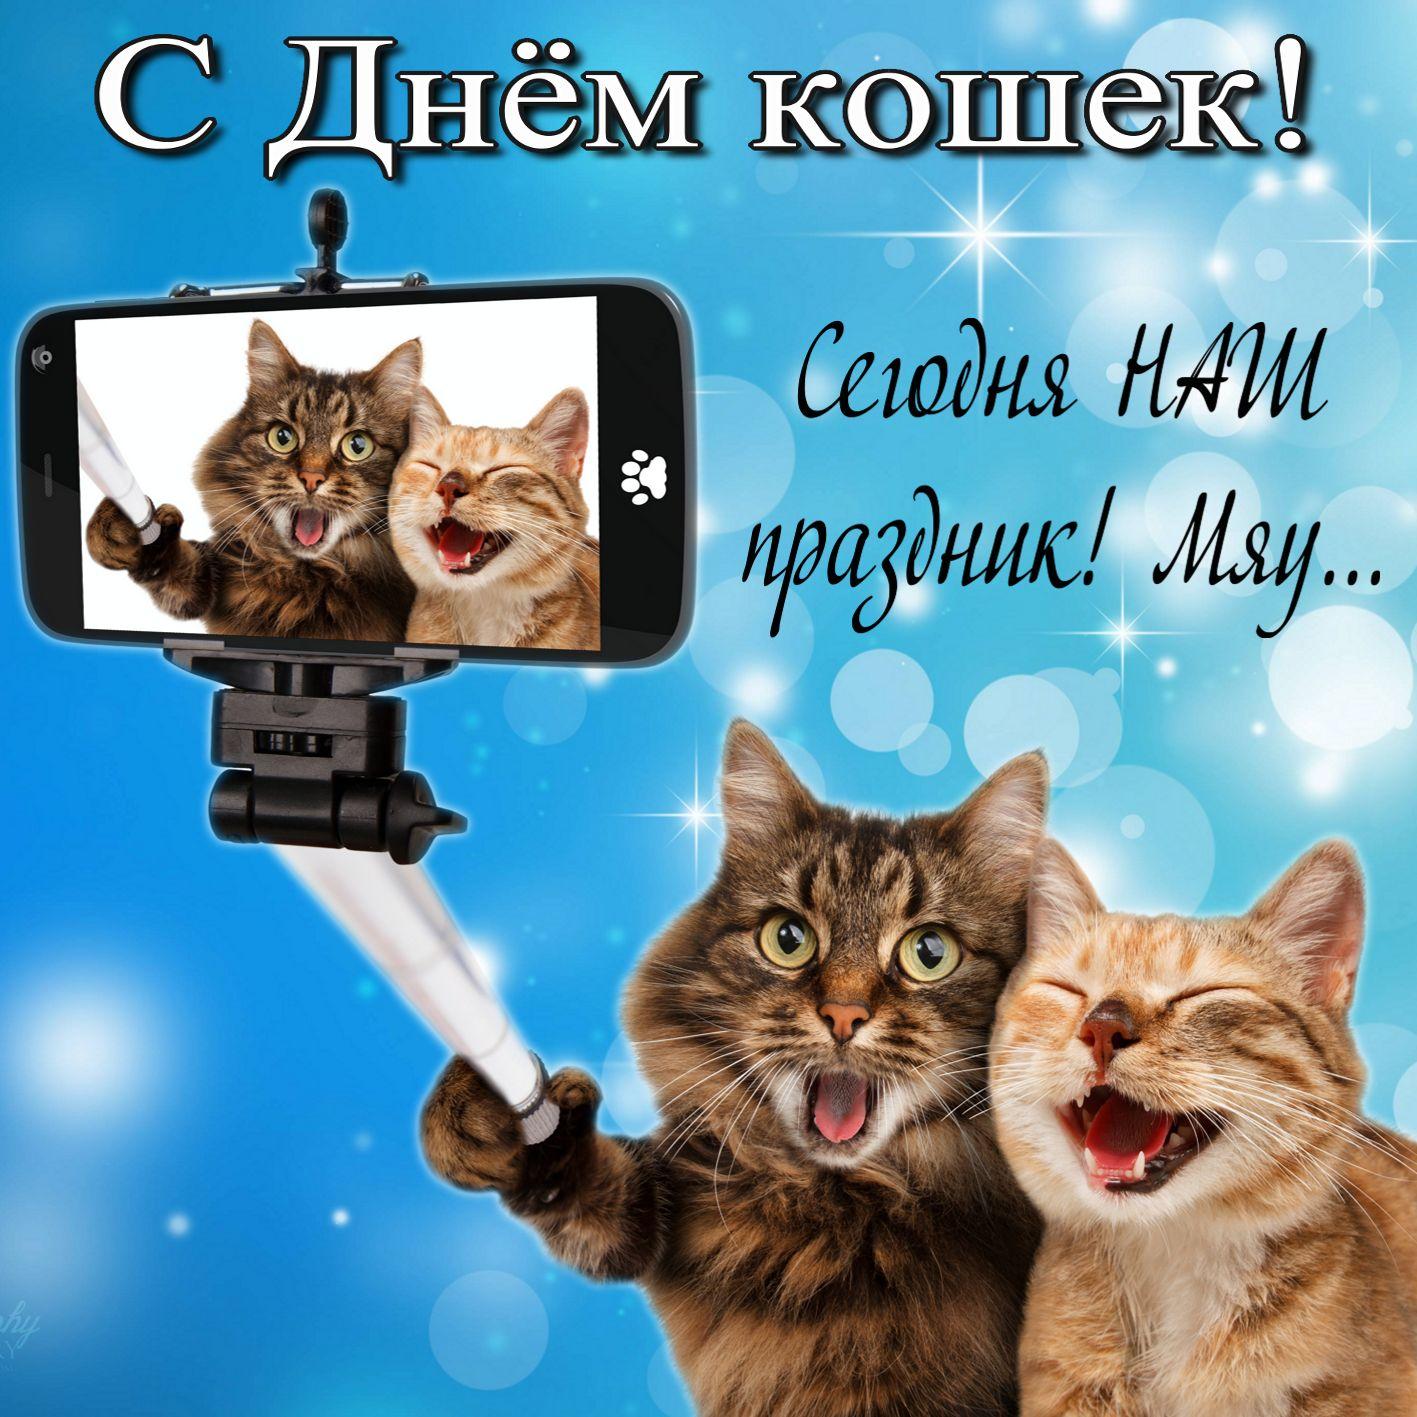 Прикольная открытка на День кошек